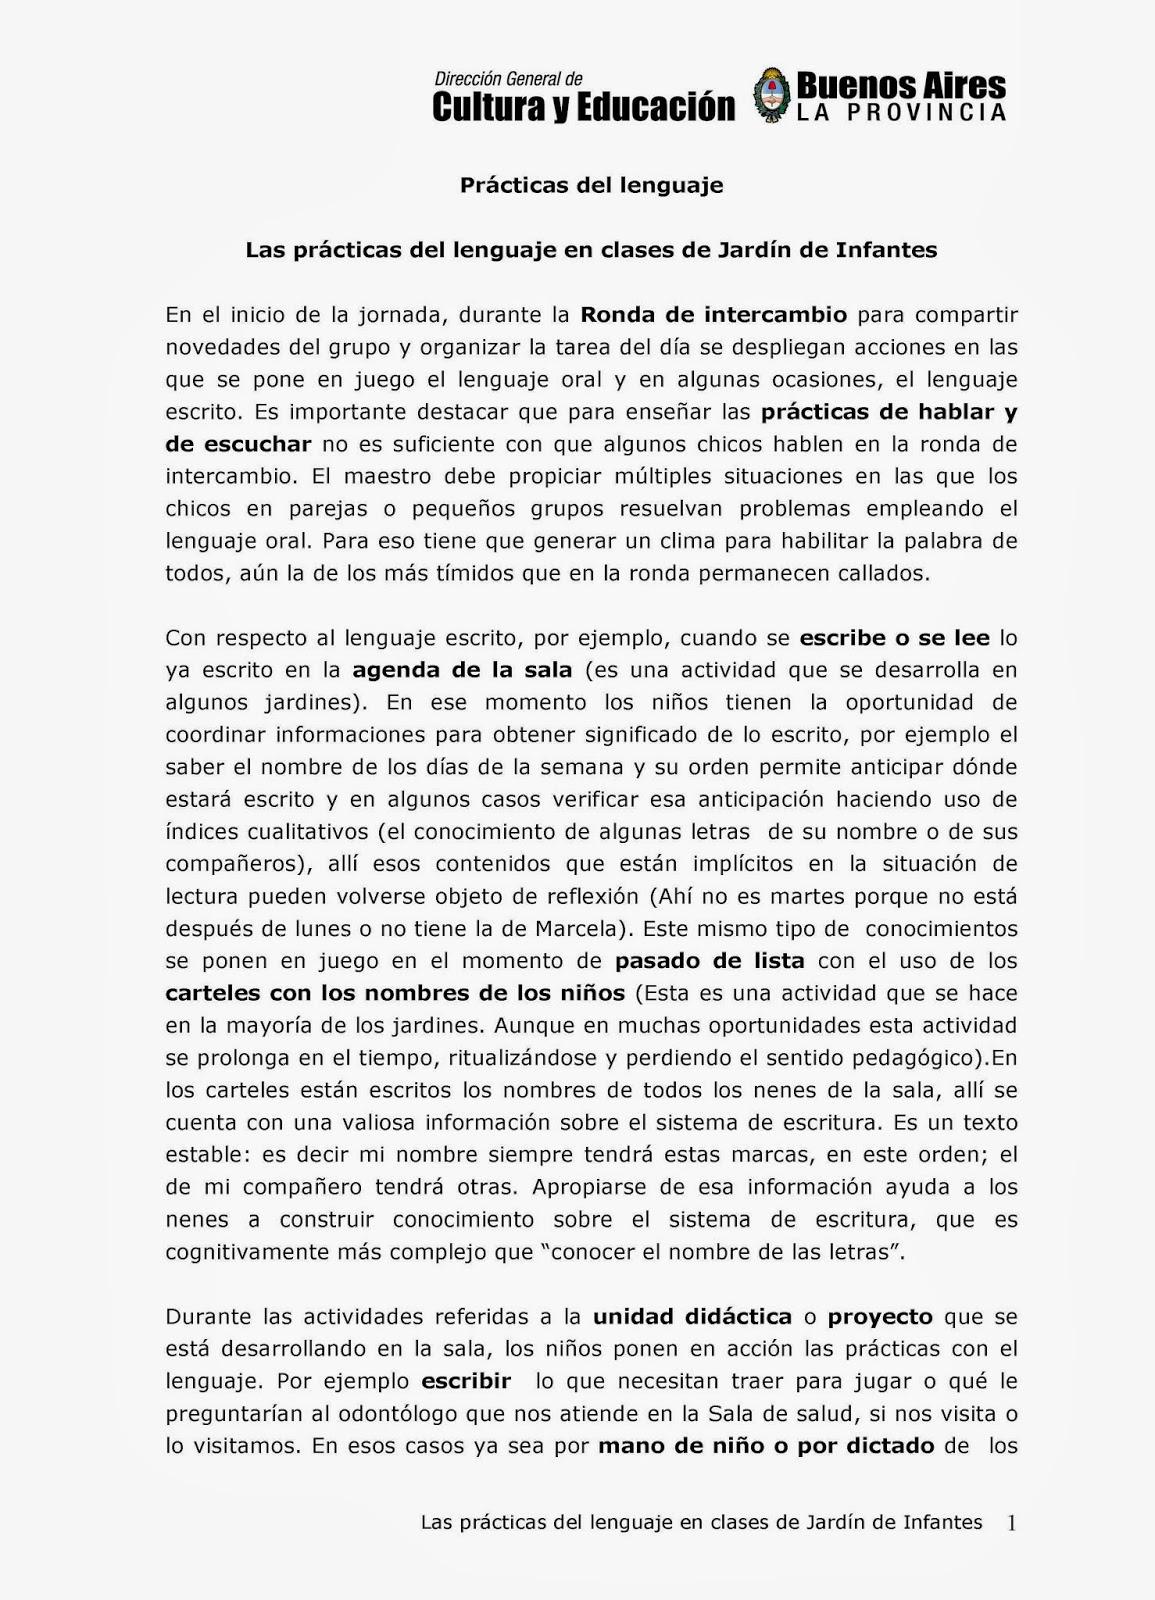 Edaic varela equipo distrital de alfabetizaci n inicial y for Canciones de jardin de infantes argentina